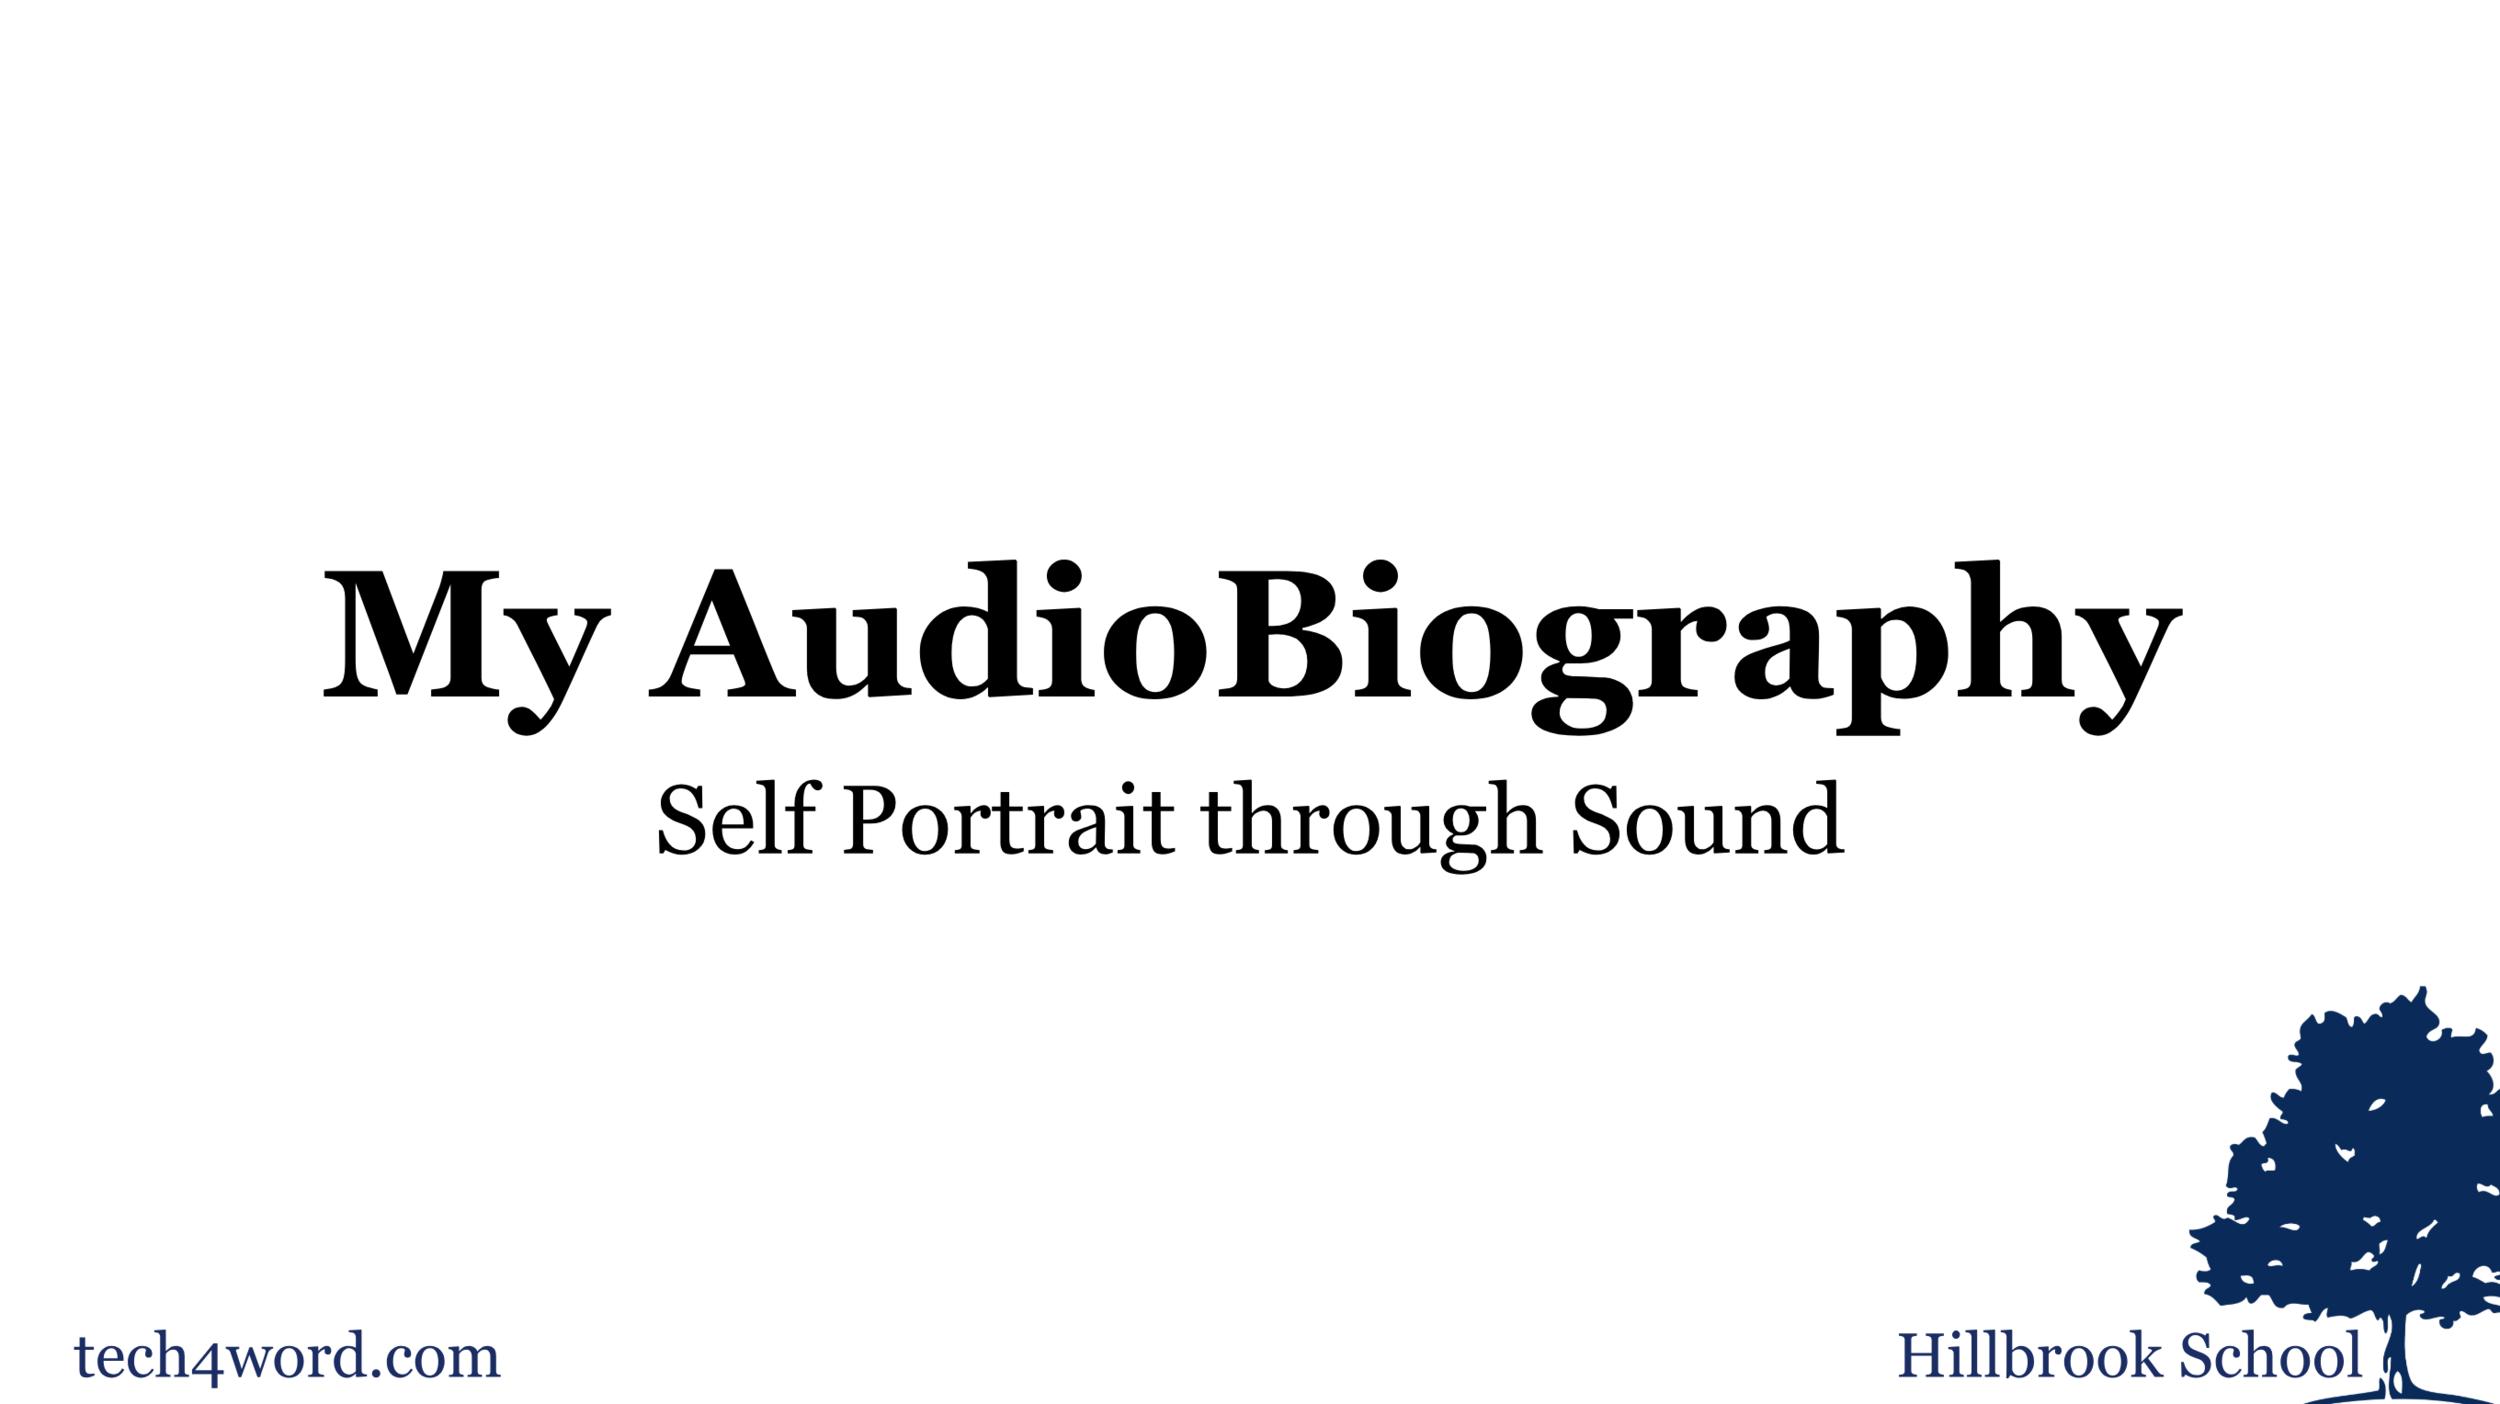 AudioBiography Workshop Slides